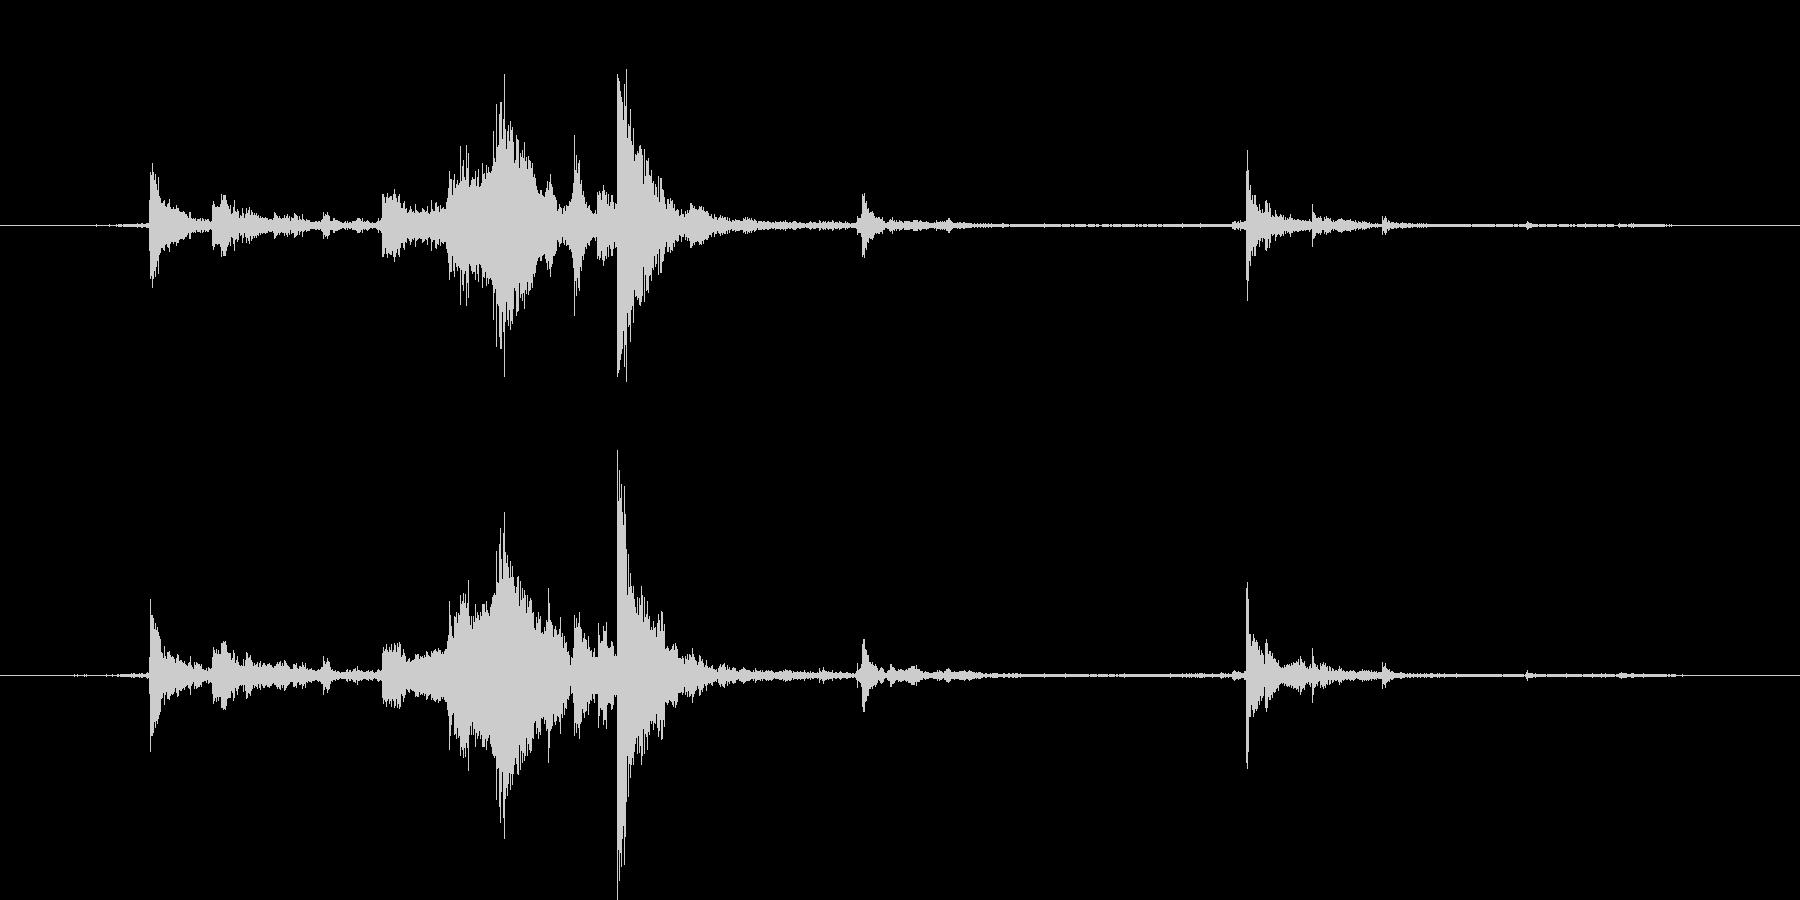 カギを入手した音・チャキッという金属音3の未再生の波形